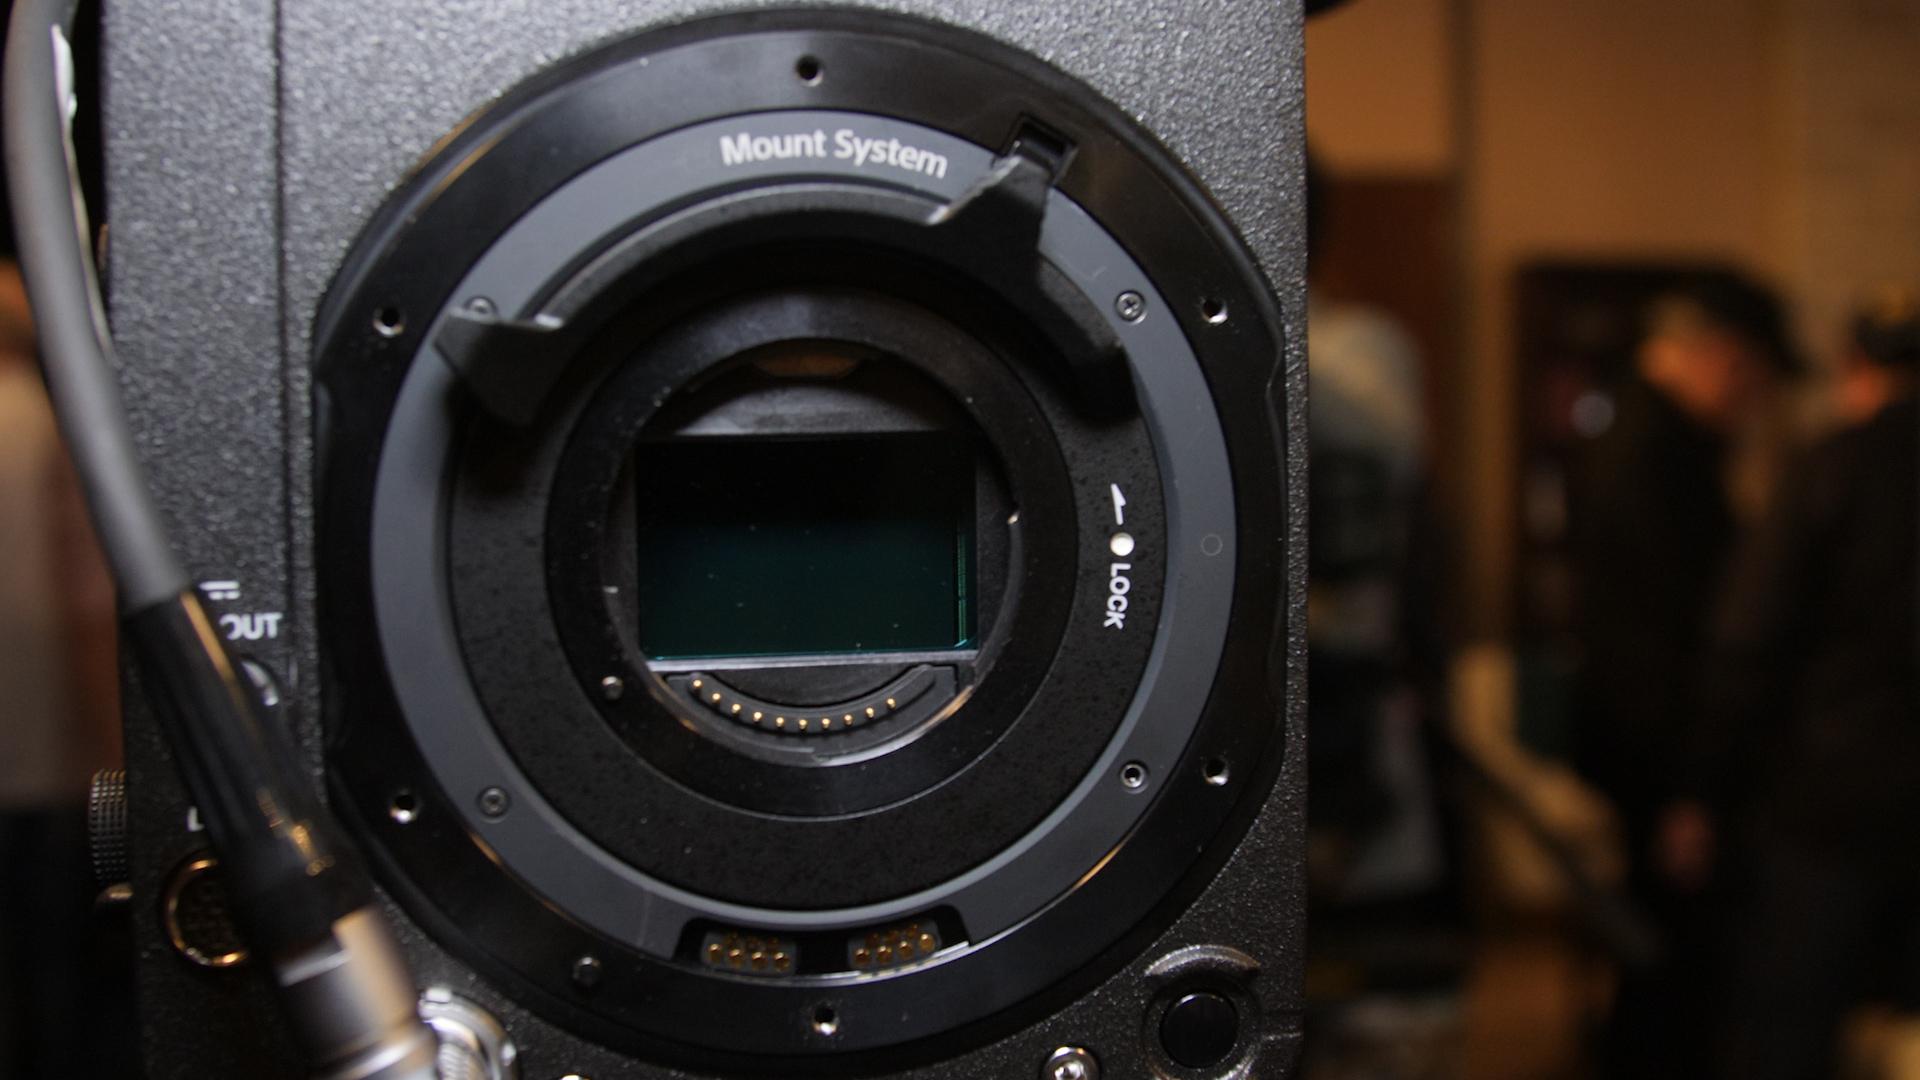 Sony VENICE mount